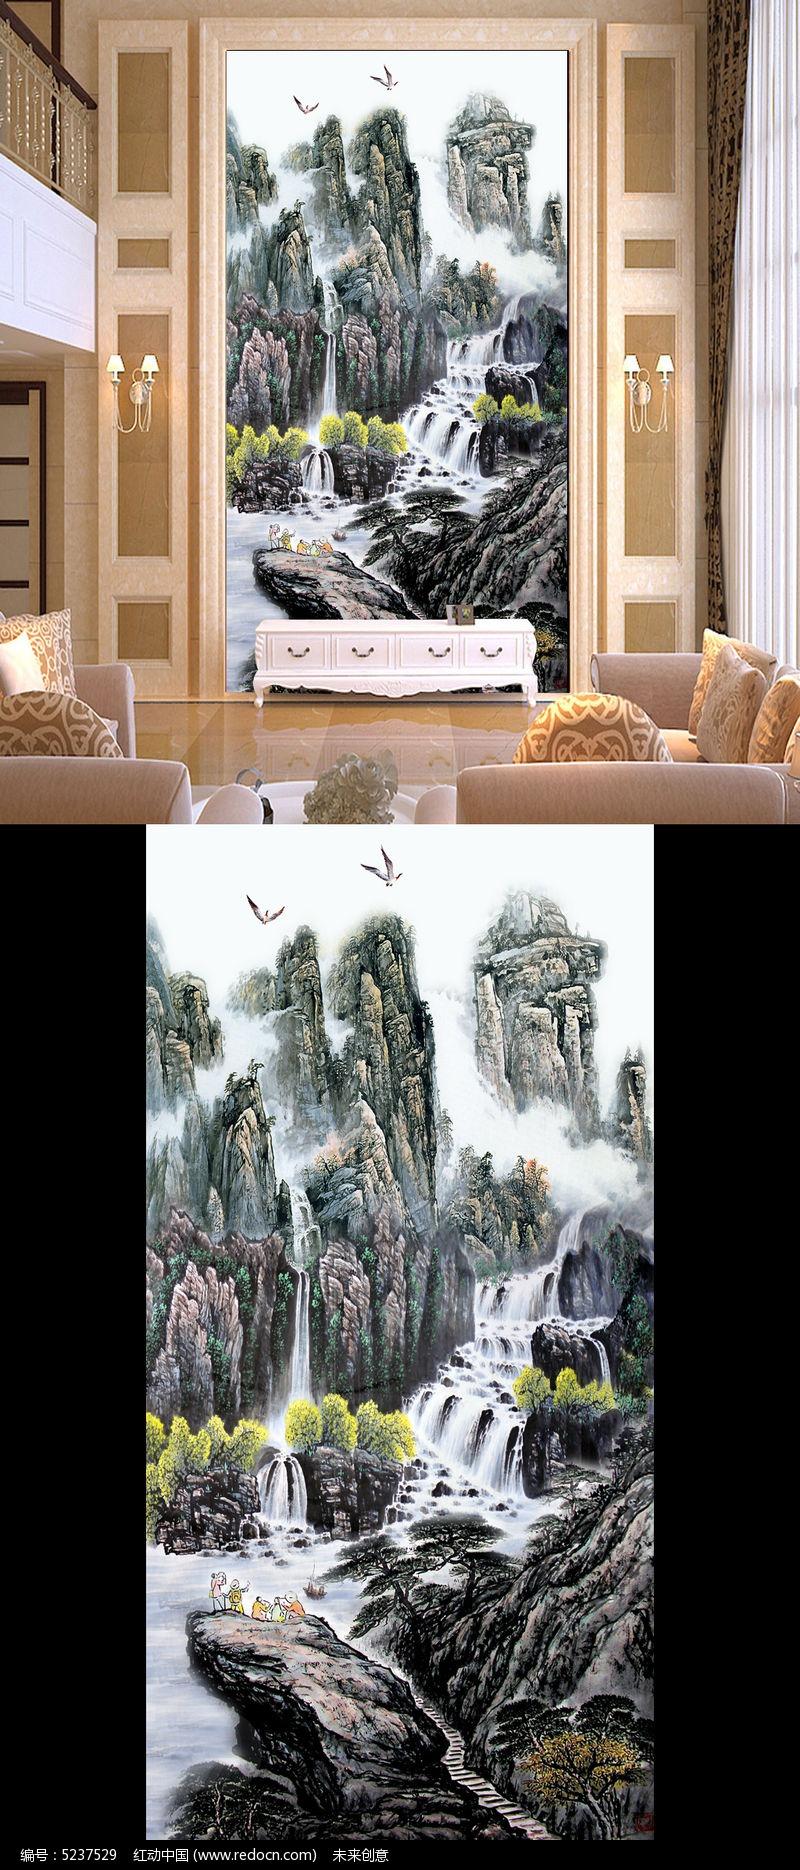 隔断 客厅玄关 玄关玻璃隔断 玄关屏风隔断 高清壁纸 影壁画 山水画